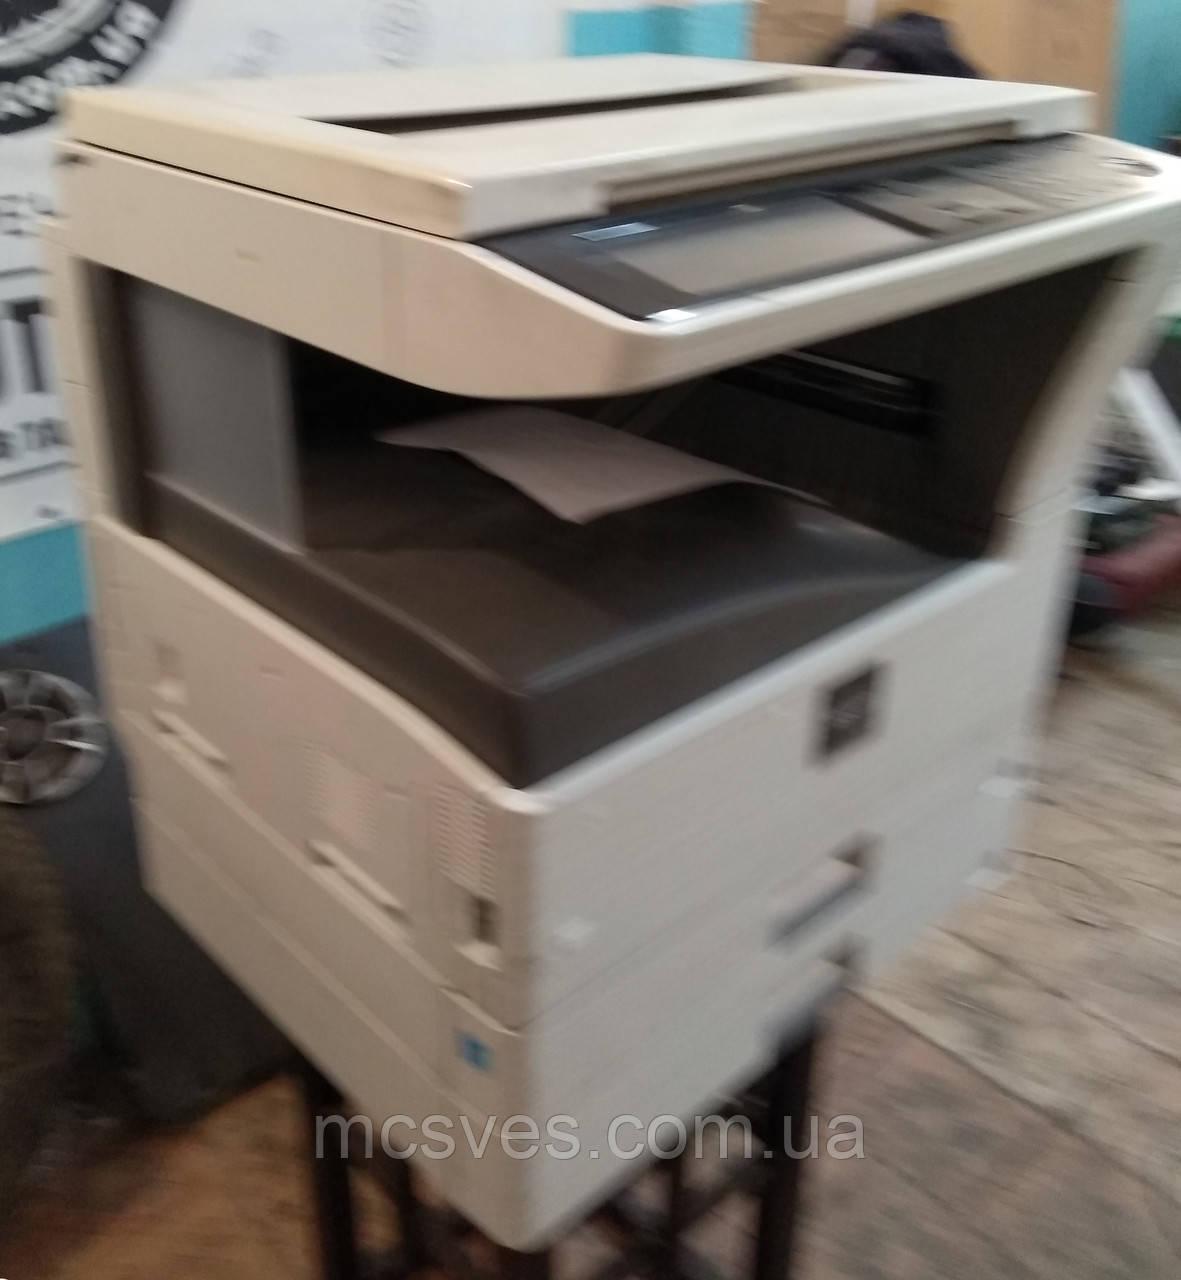 Sharp ar-5726 копировальный аппарат, копир,принтер А3, А4, , МФУ, USB